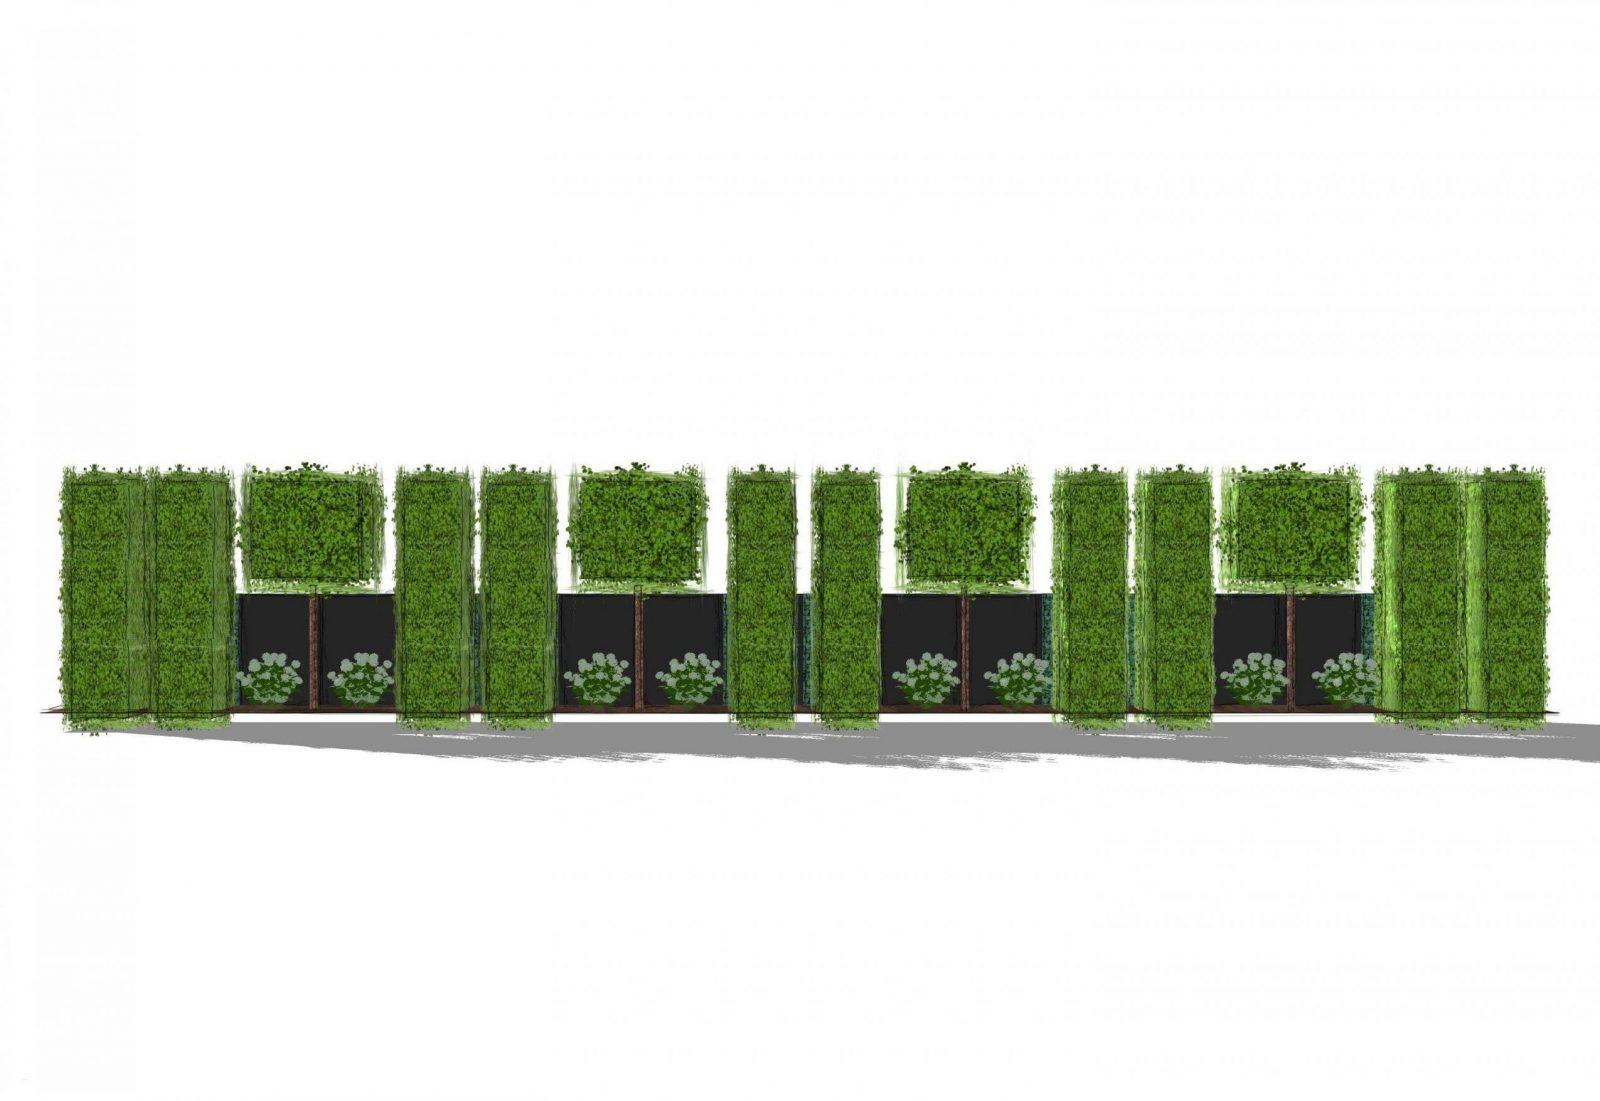 Selber Garten Gestalten Neu Sichtschutz Hpl Hecke Am Laufenden Meter von Hecke Am Laufenden Meter Selber Machen Photo